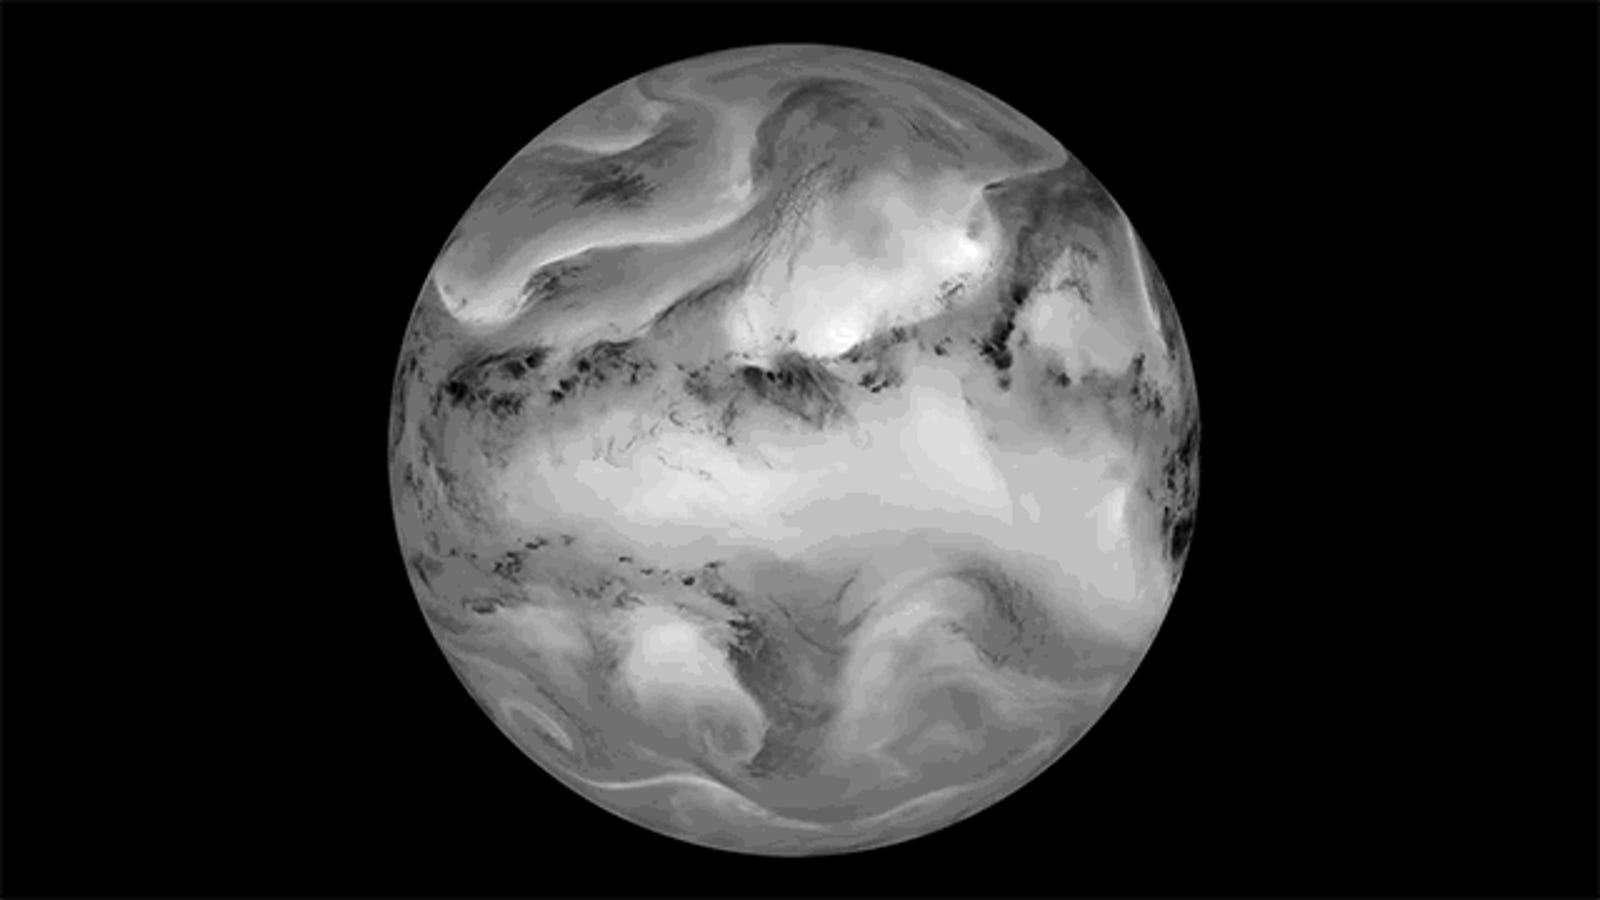 La Tierra, vista en infrarrojos, parece un increíble planeta gaseoso